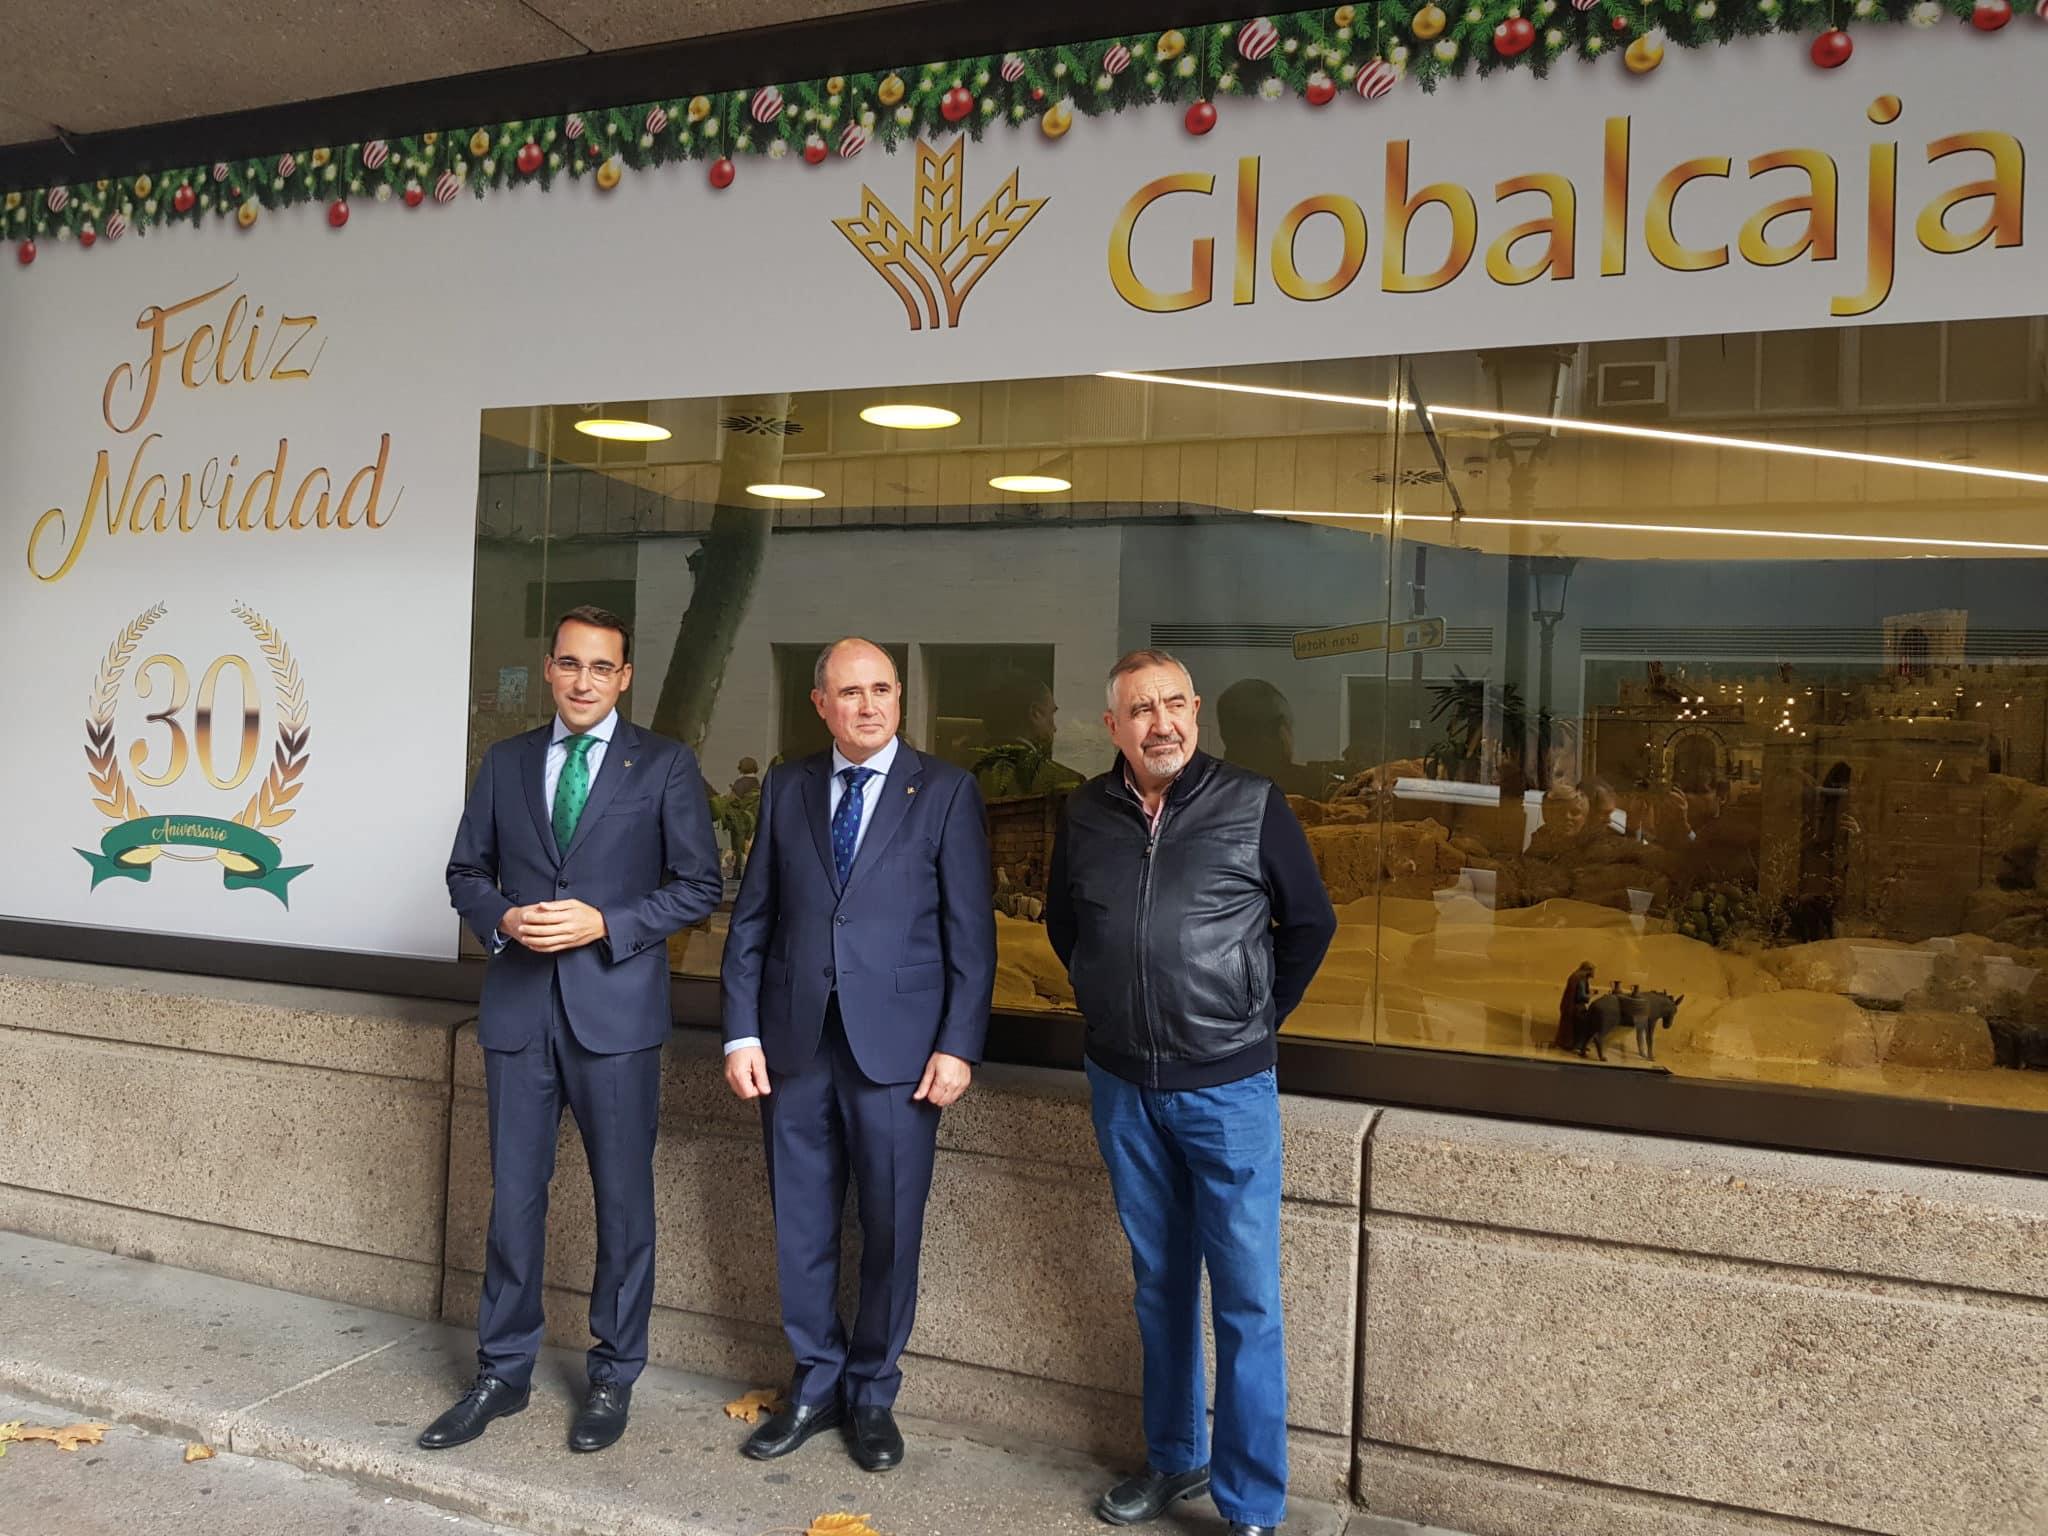 https://blog.globalcaja.es/wp-content/uploads/2019/12/Belen-Globalcaja-2019.jpg